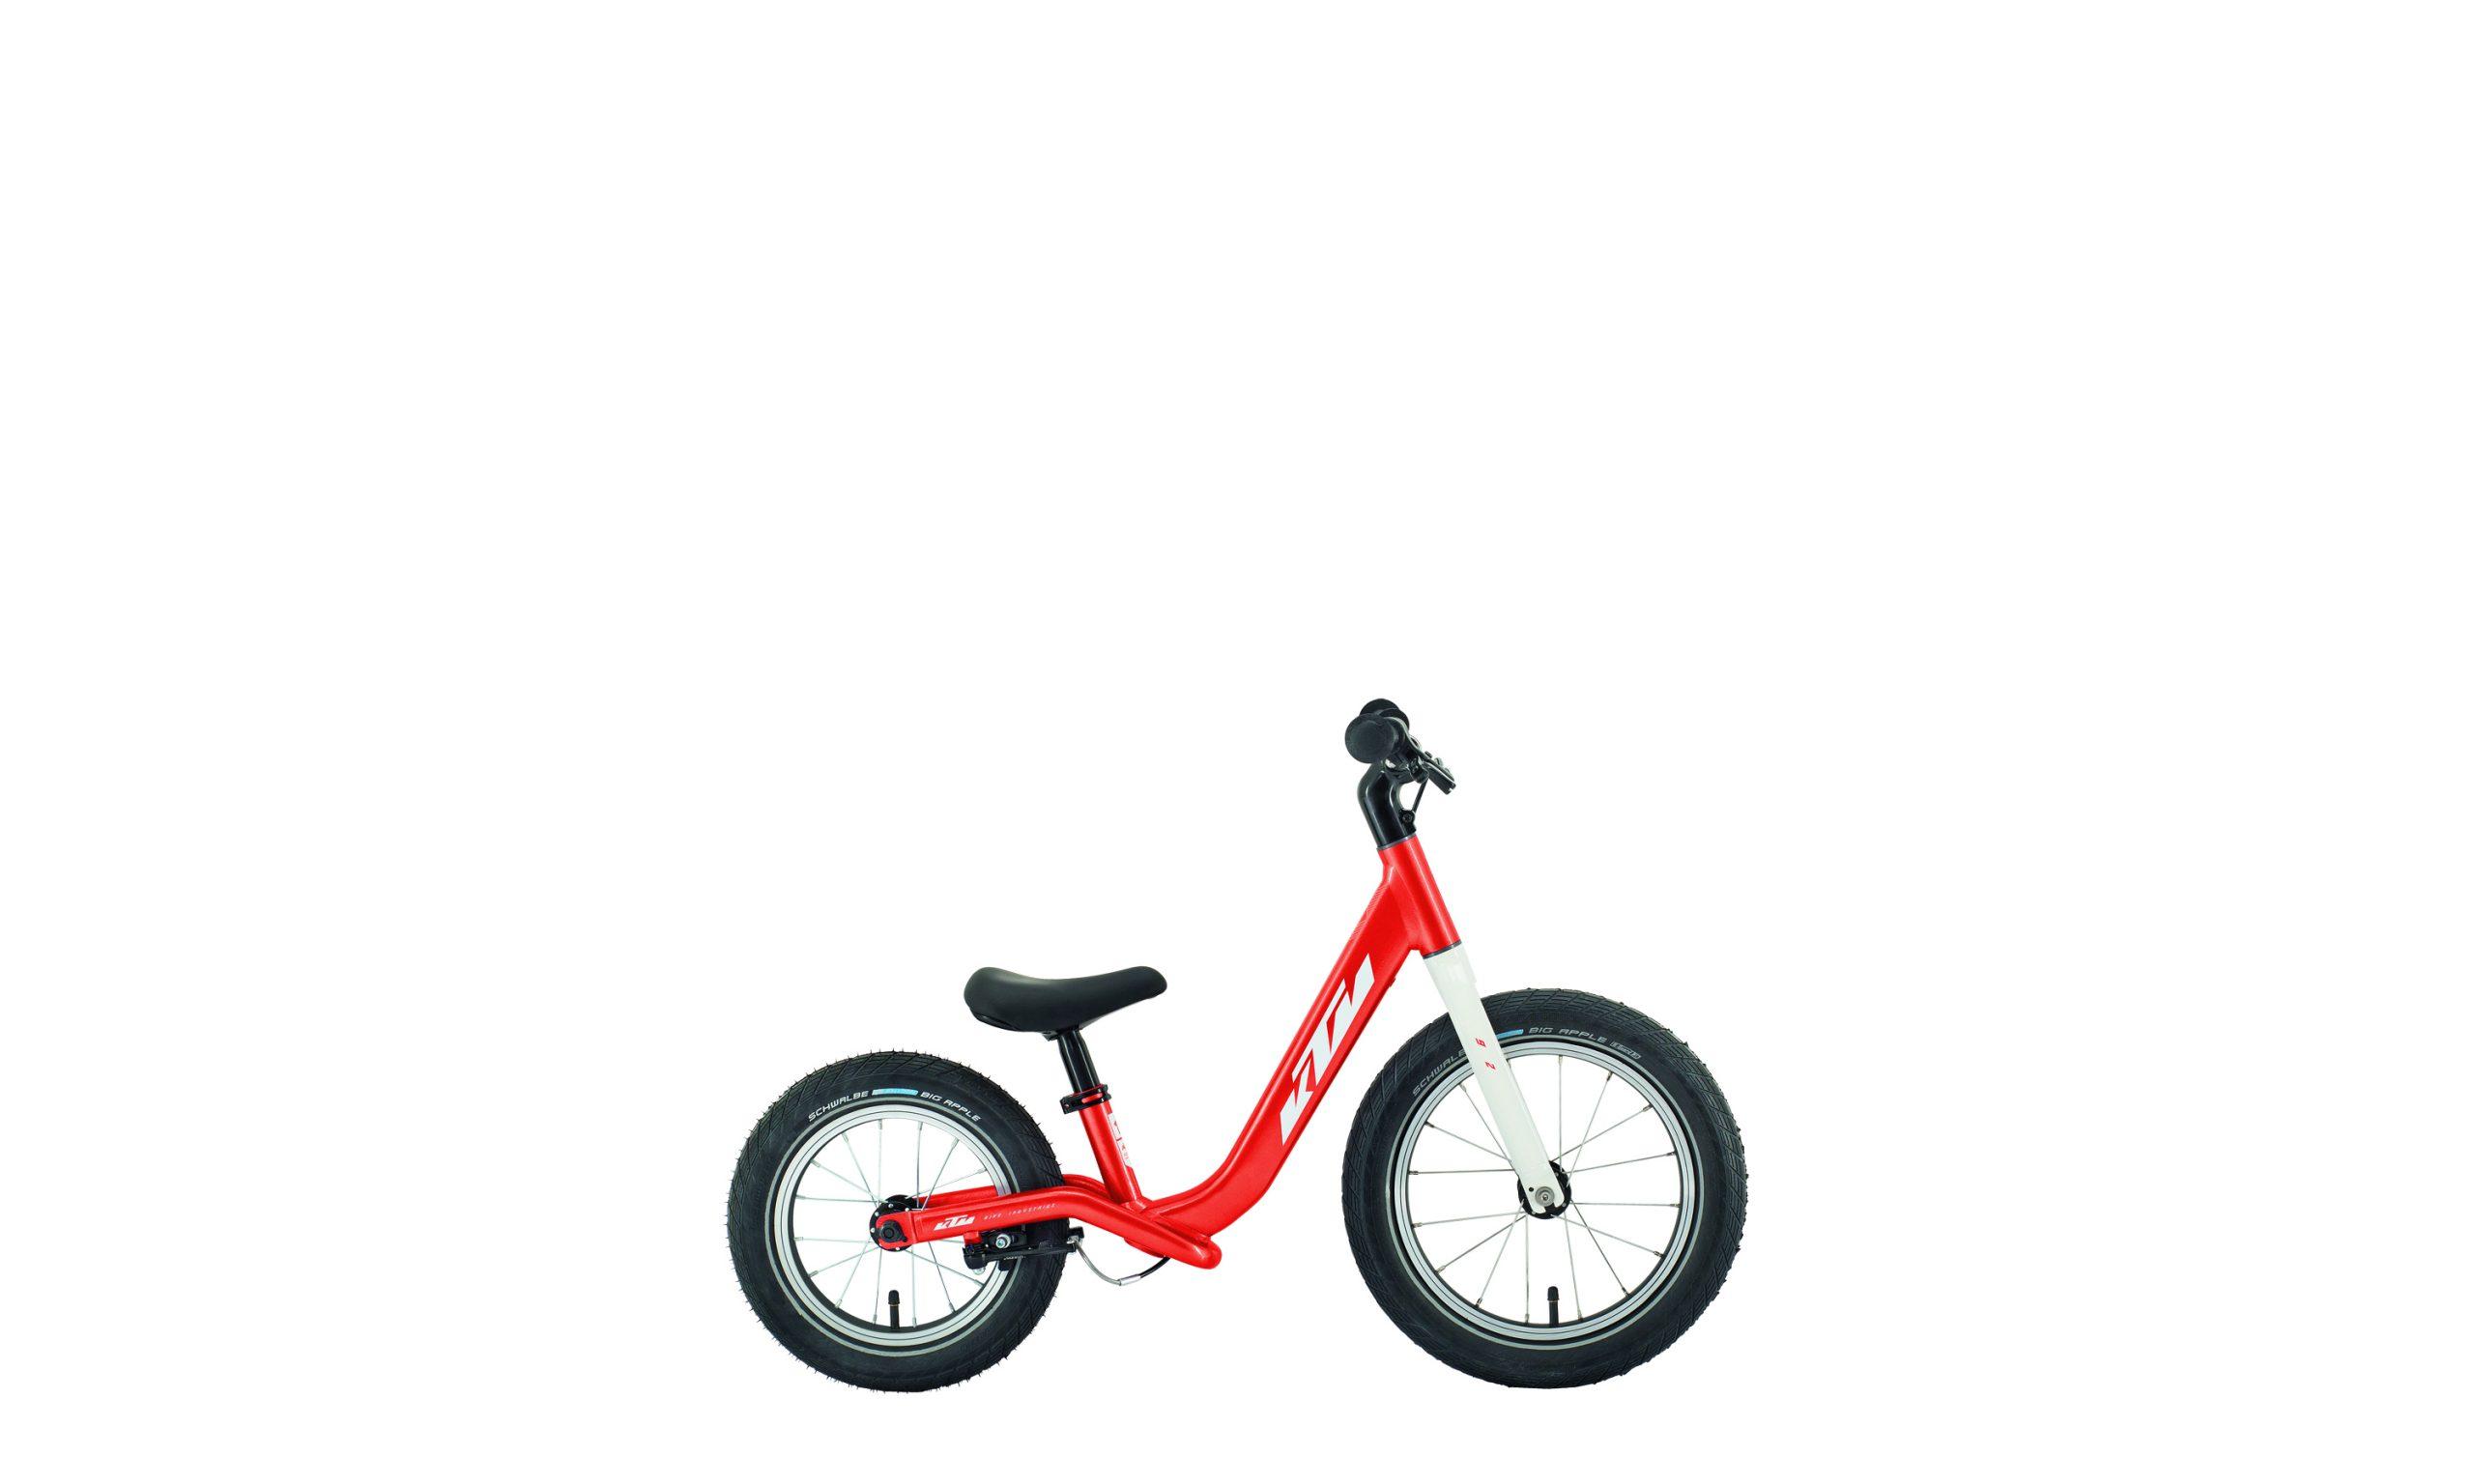 KTM Bike - WILD BUDDY 12